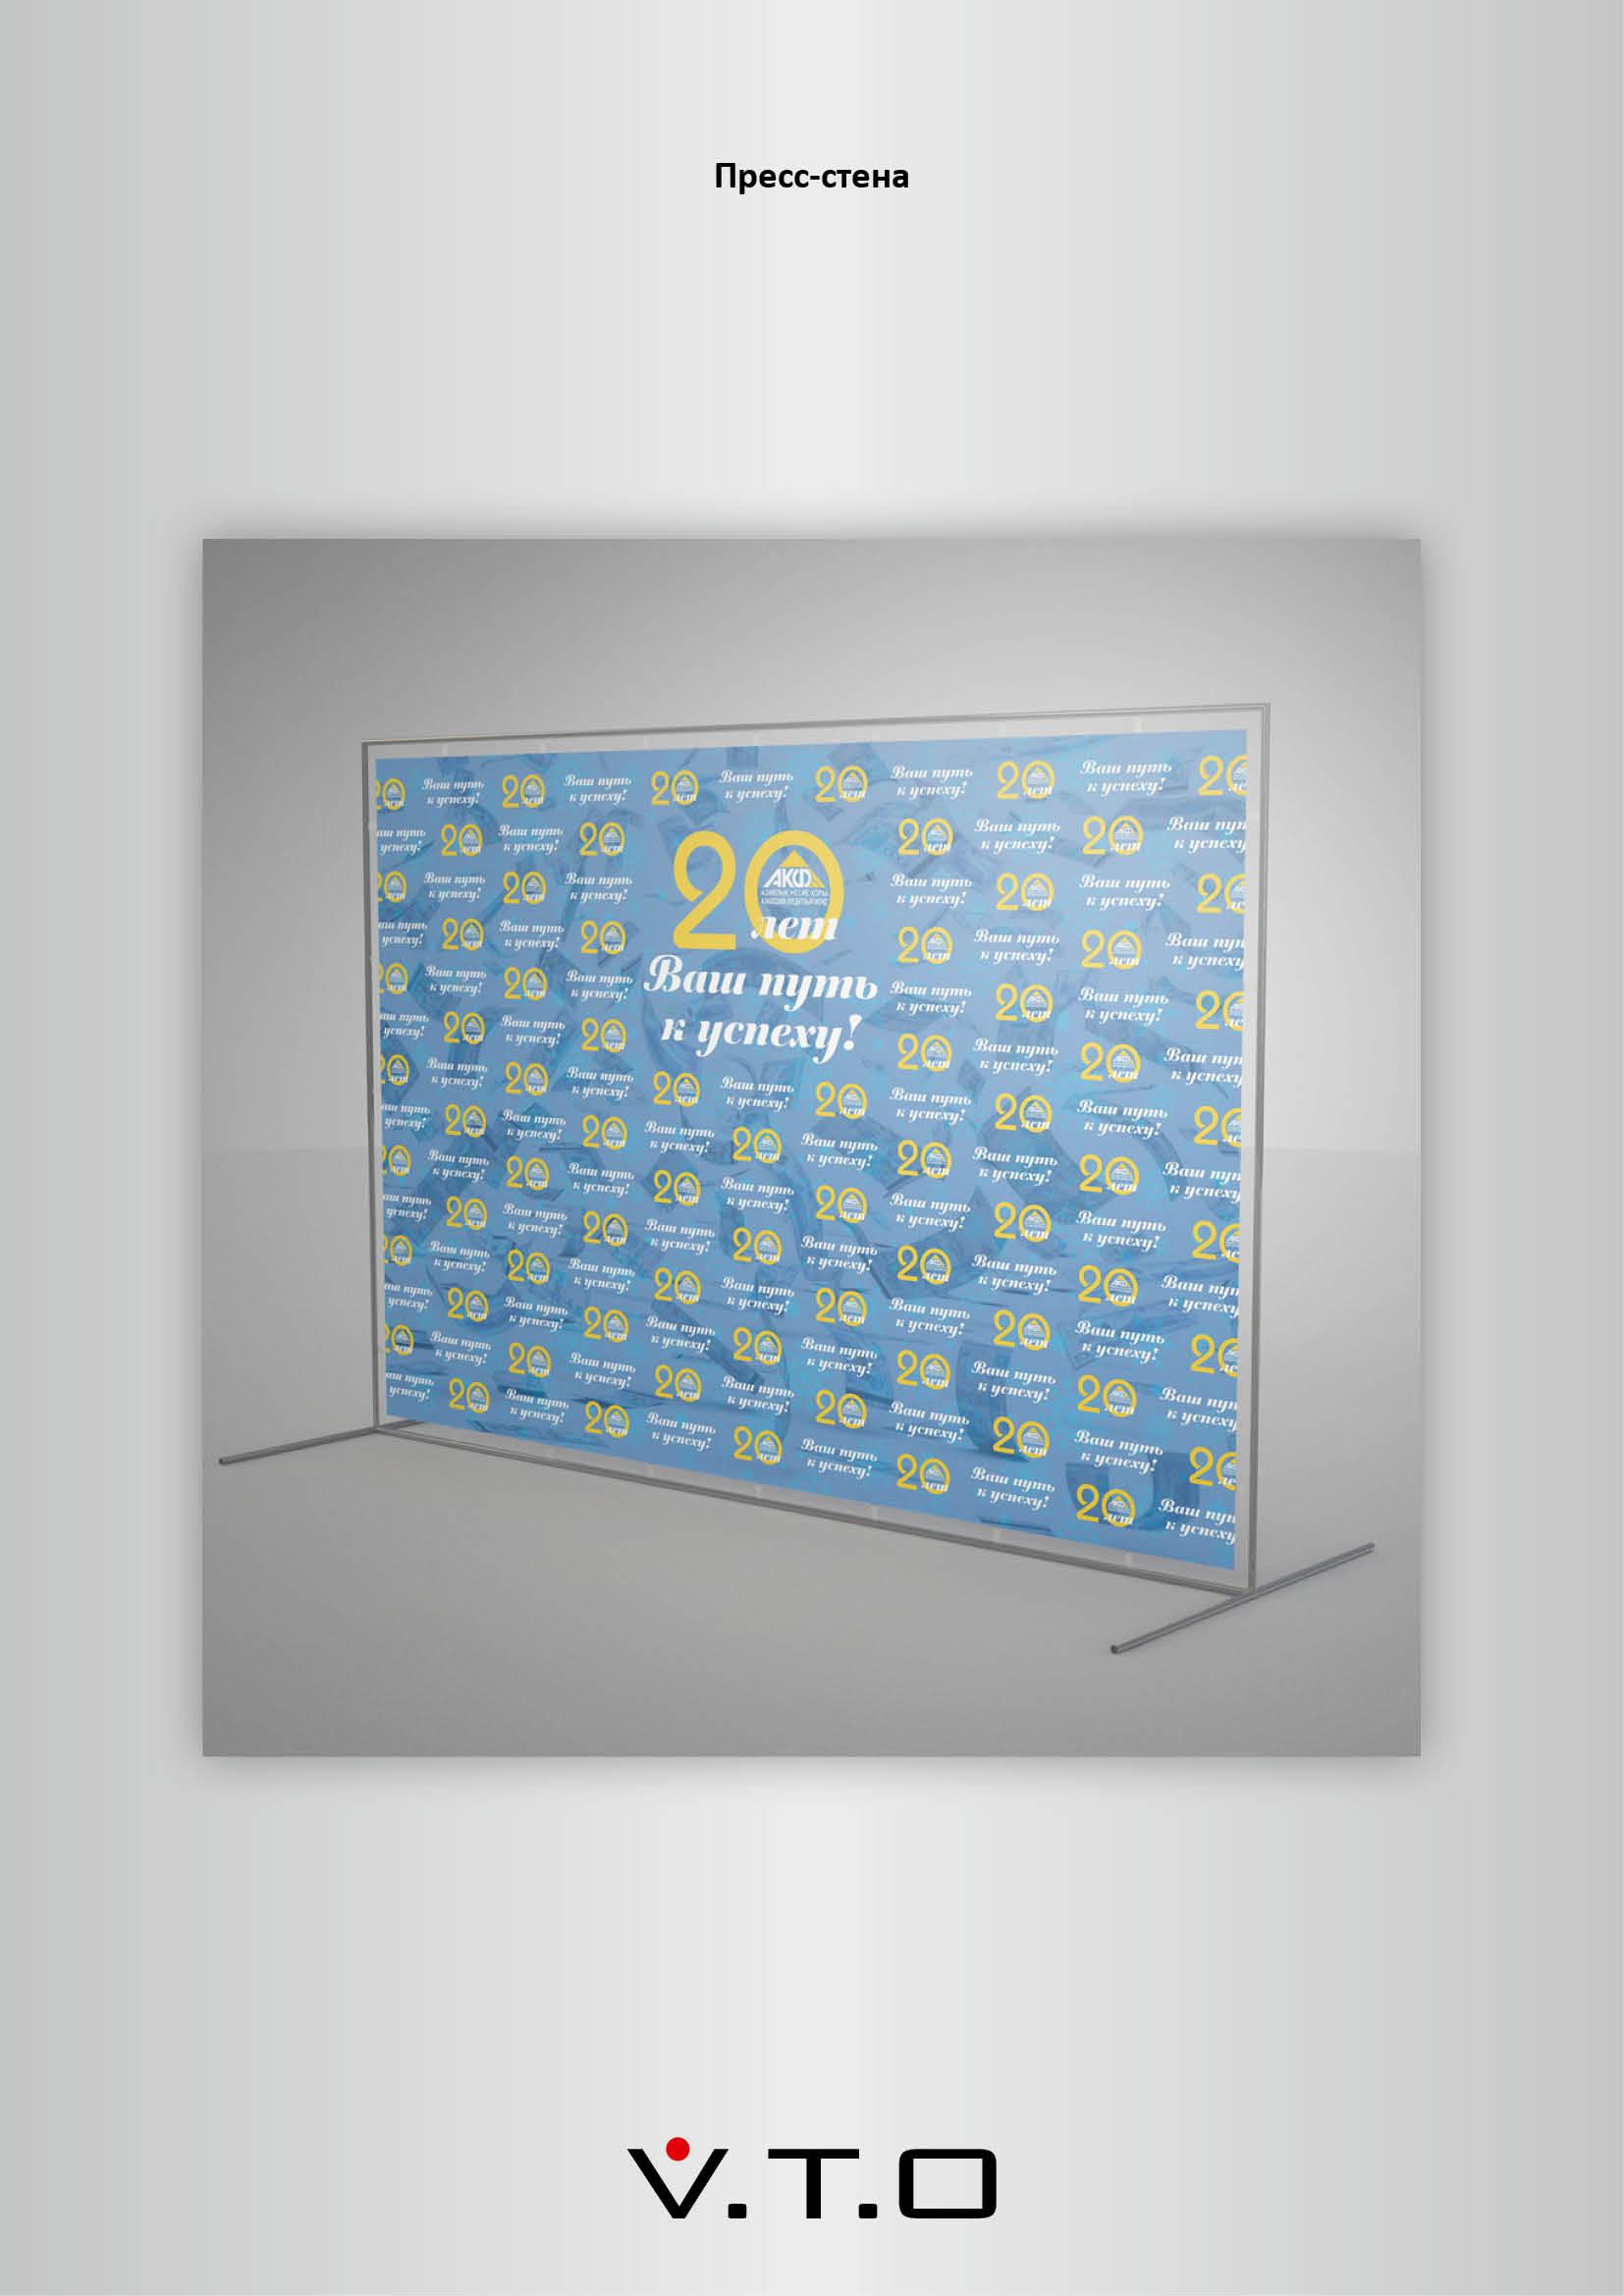 АКФ юбилей, пресс стена, дизайн, брендирование